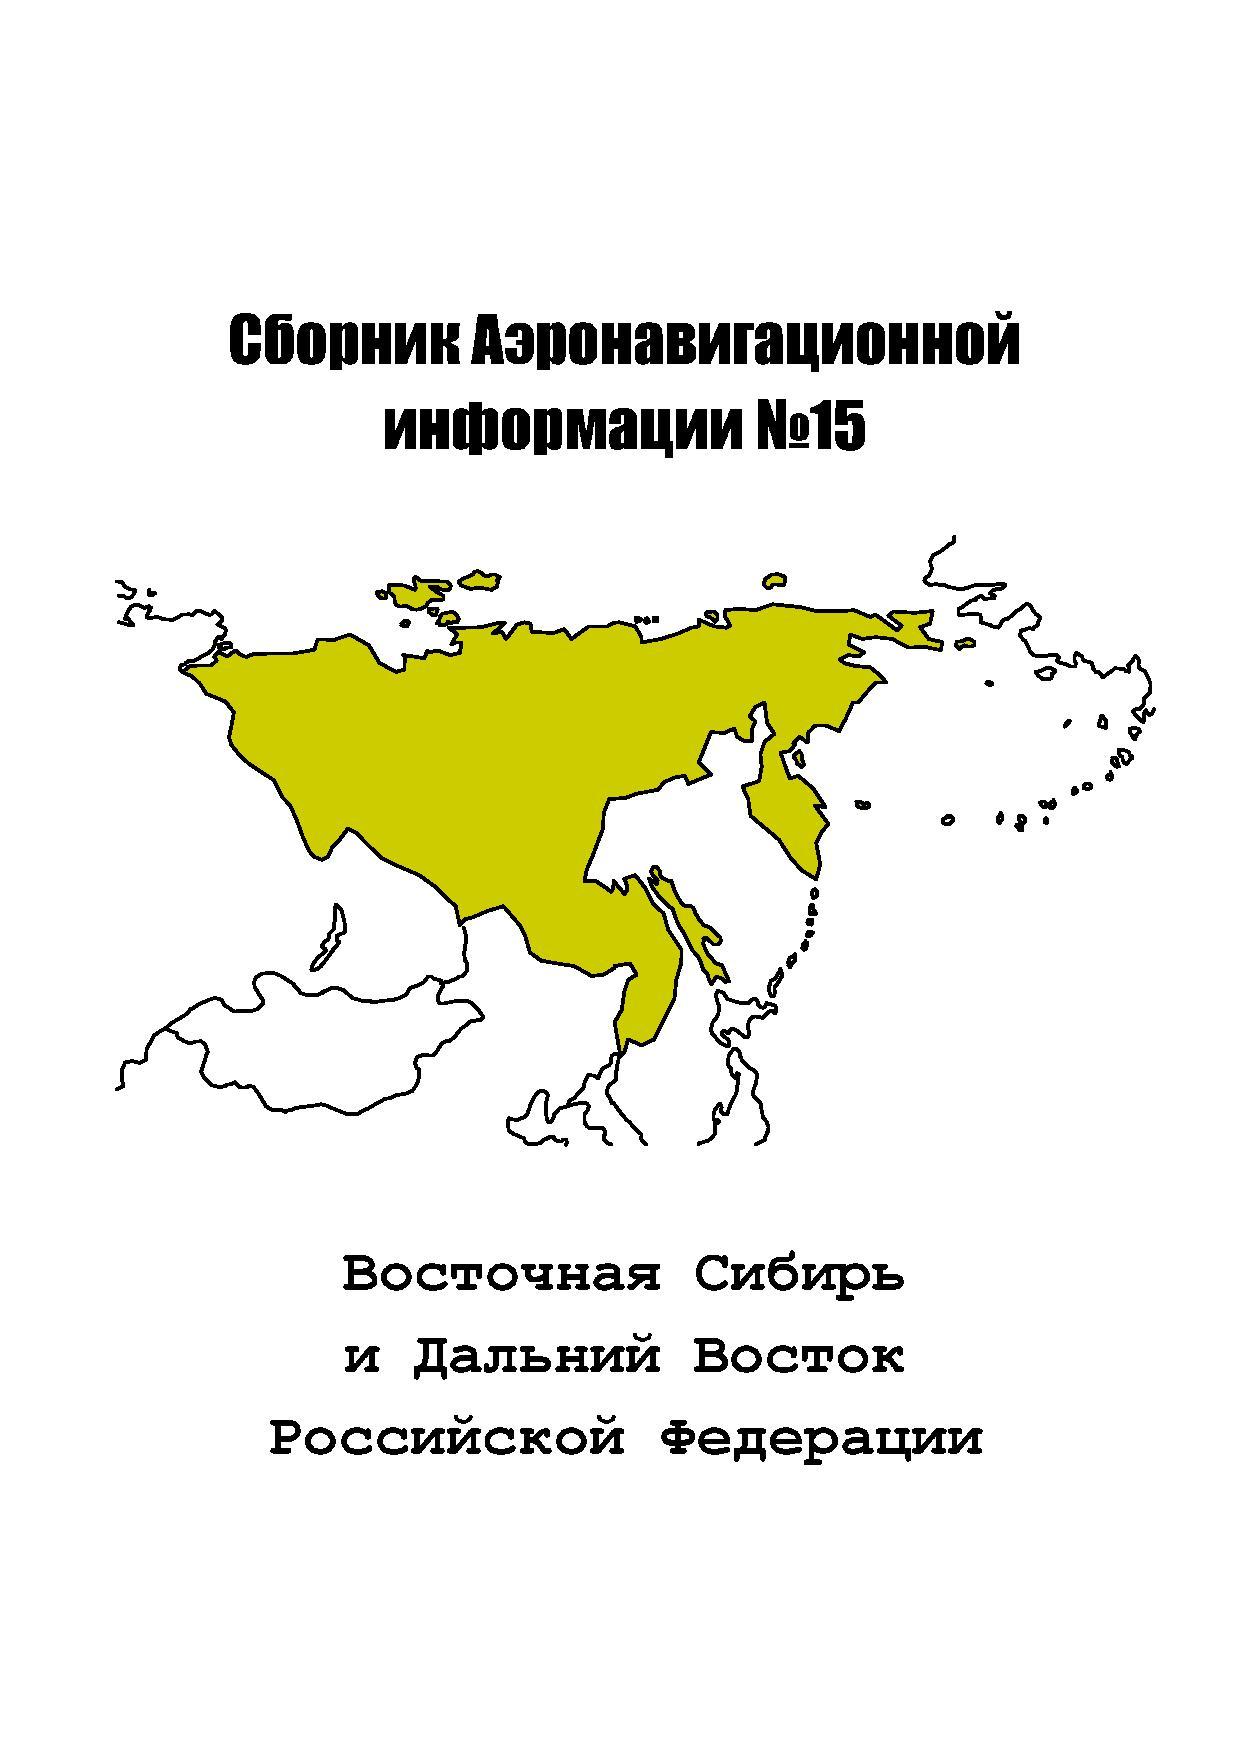 Жигули №15, 15-11